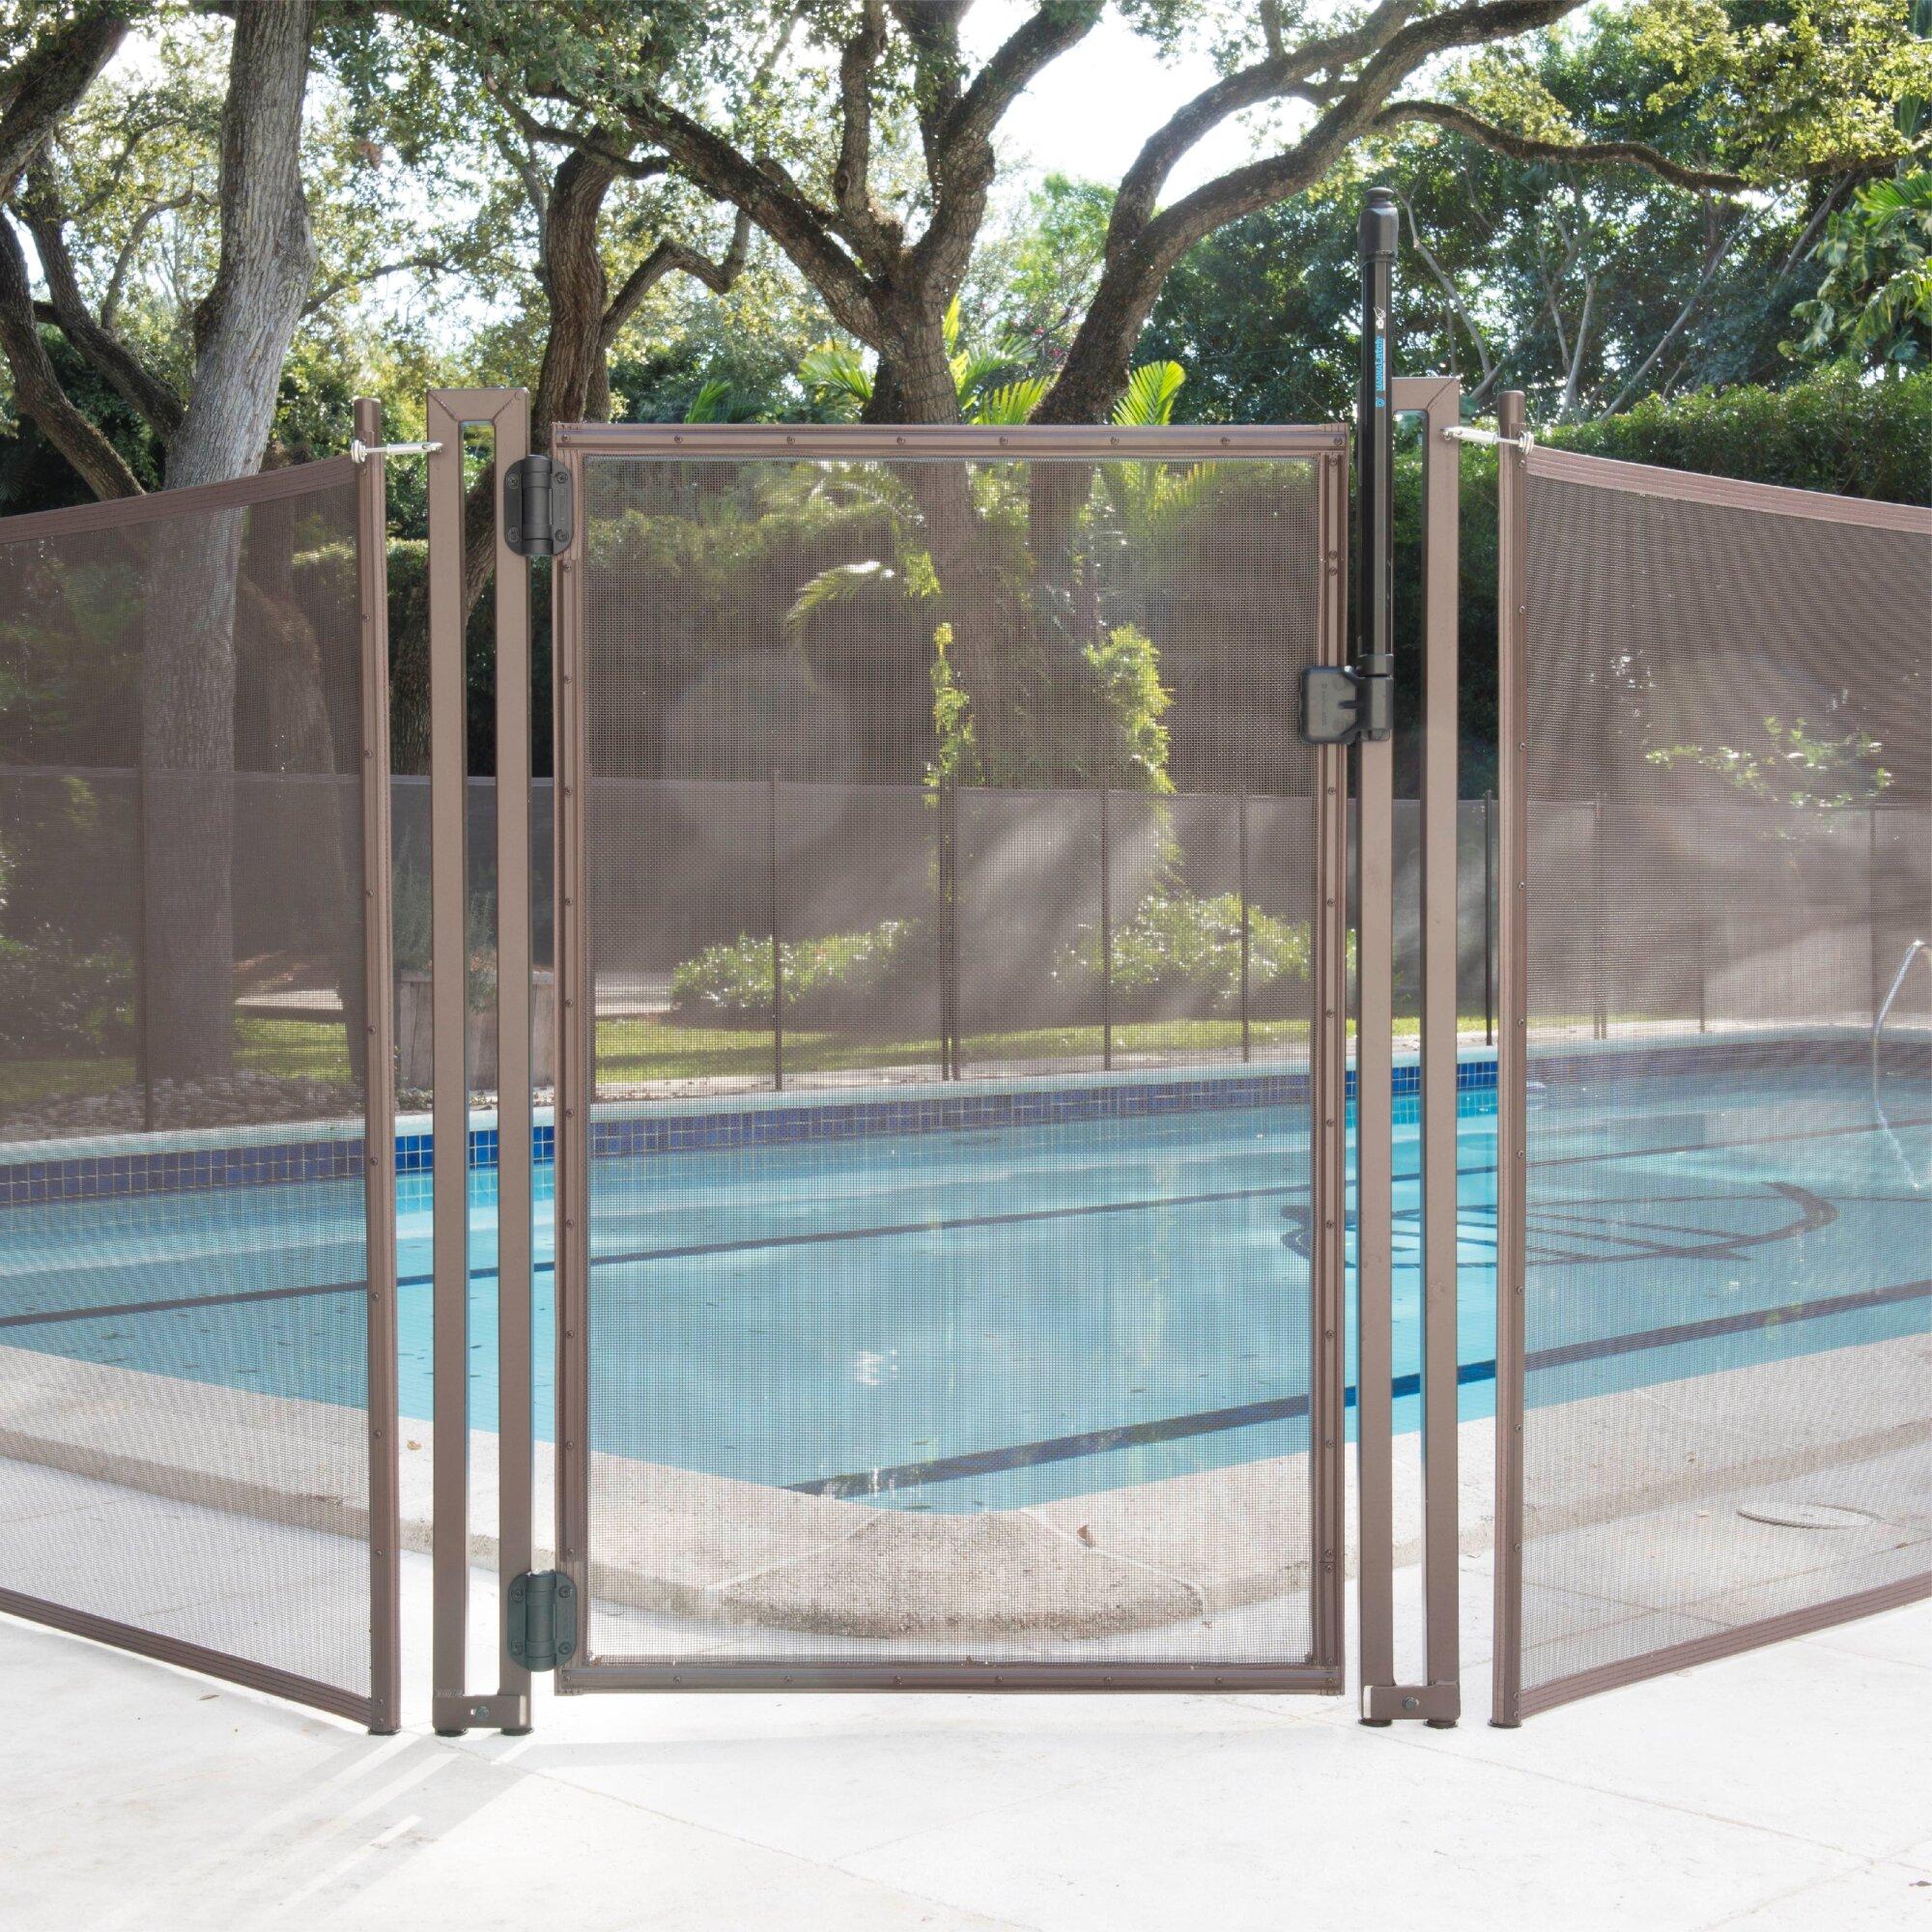 Poolfencediy Wide Pool Fence Diy Flat Top Vinyl Gate Reviews Wayfair